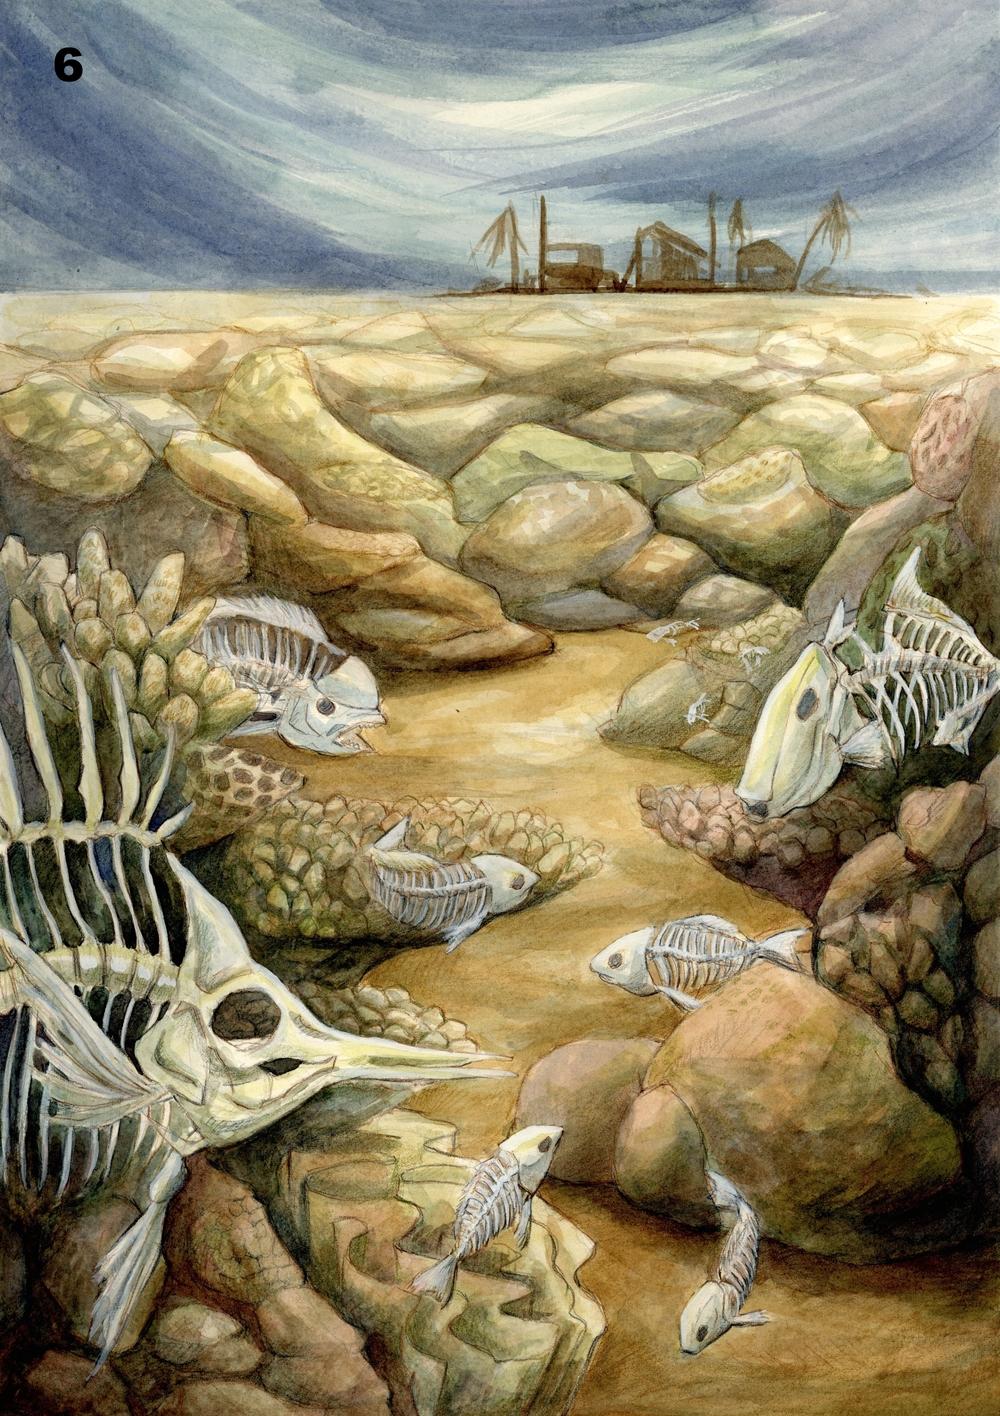 Ocean Acidification - Hsin Chen